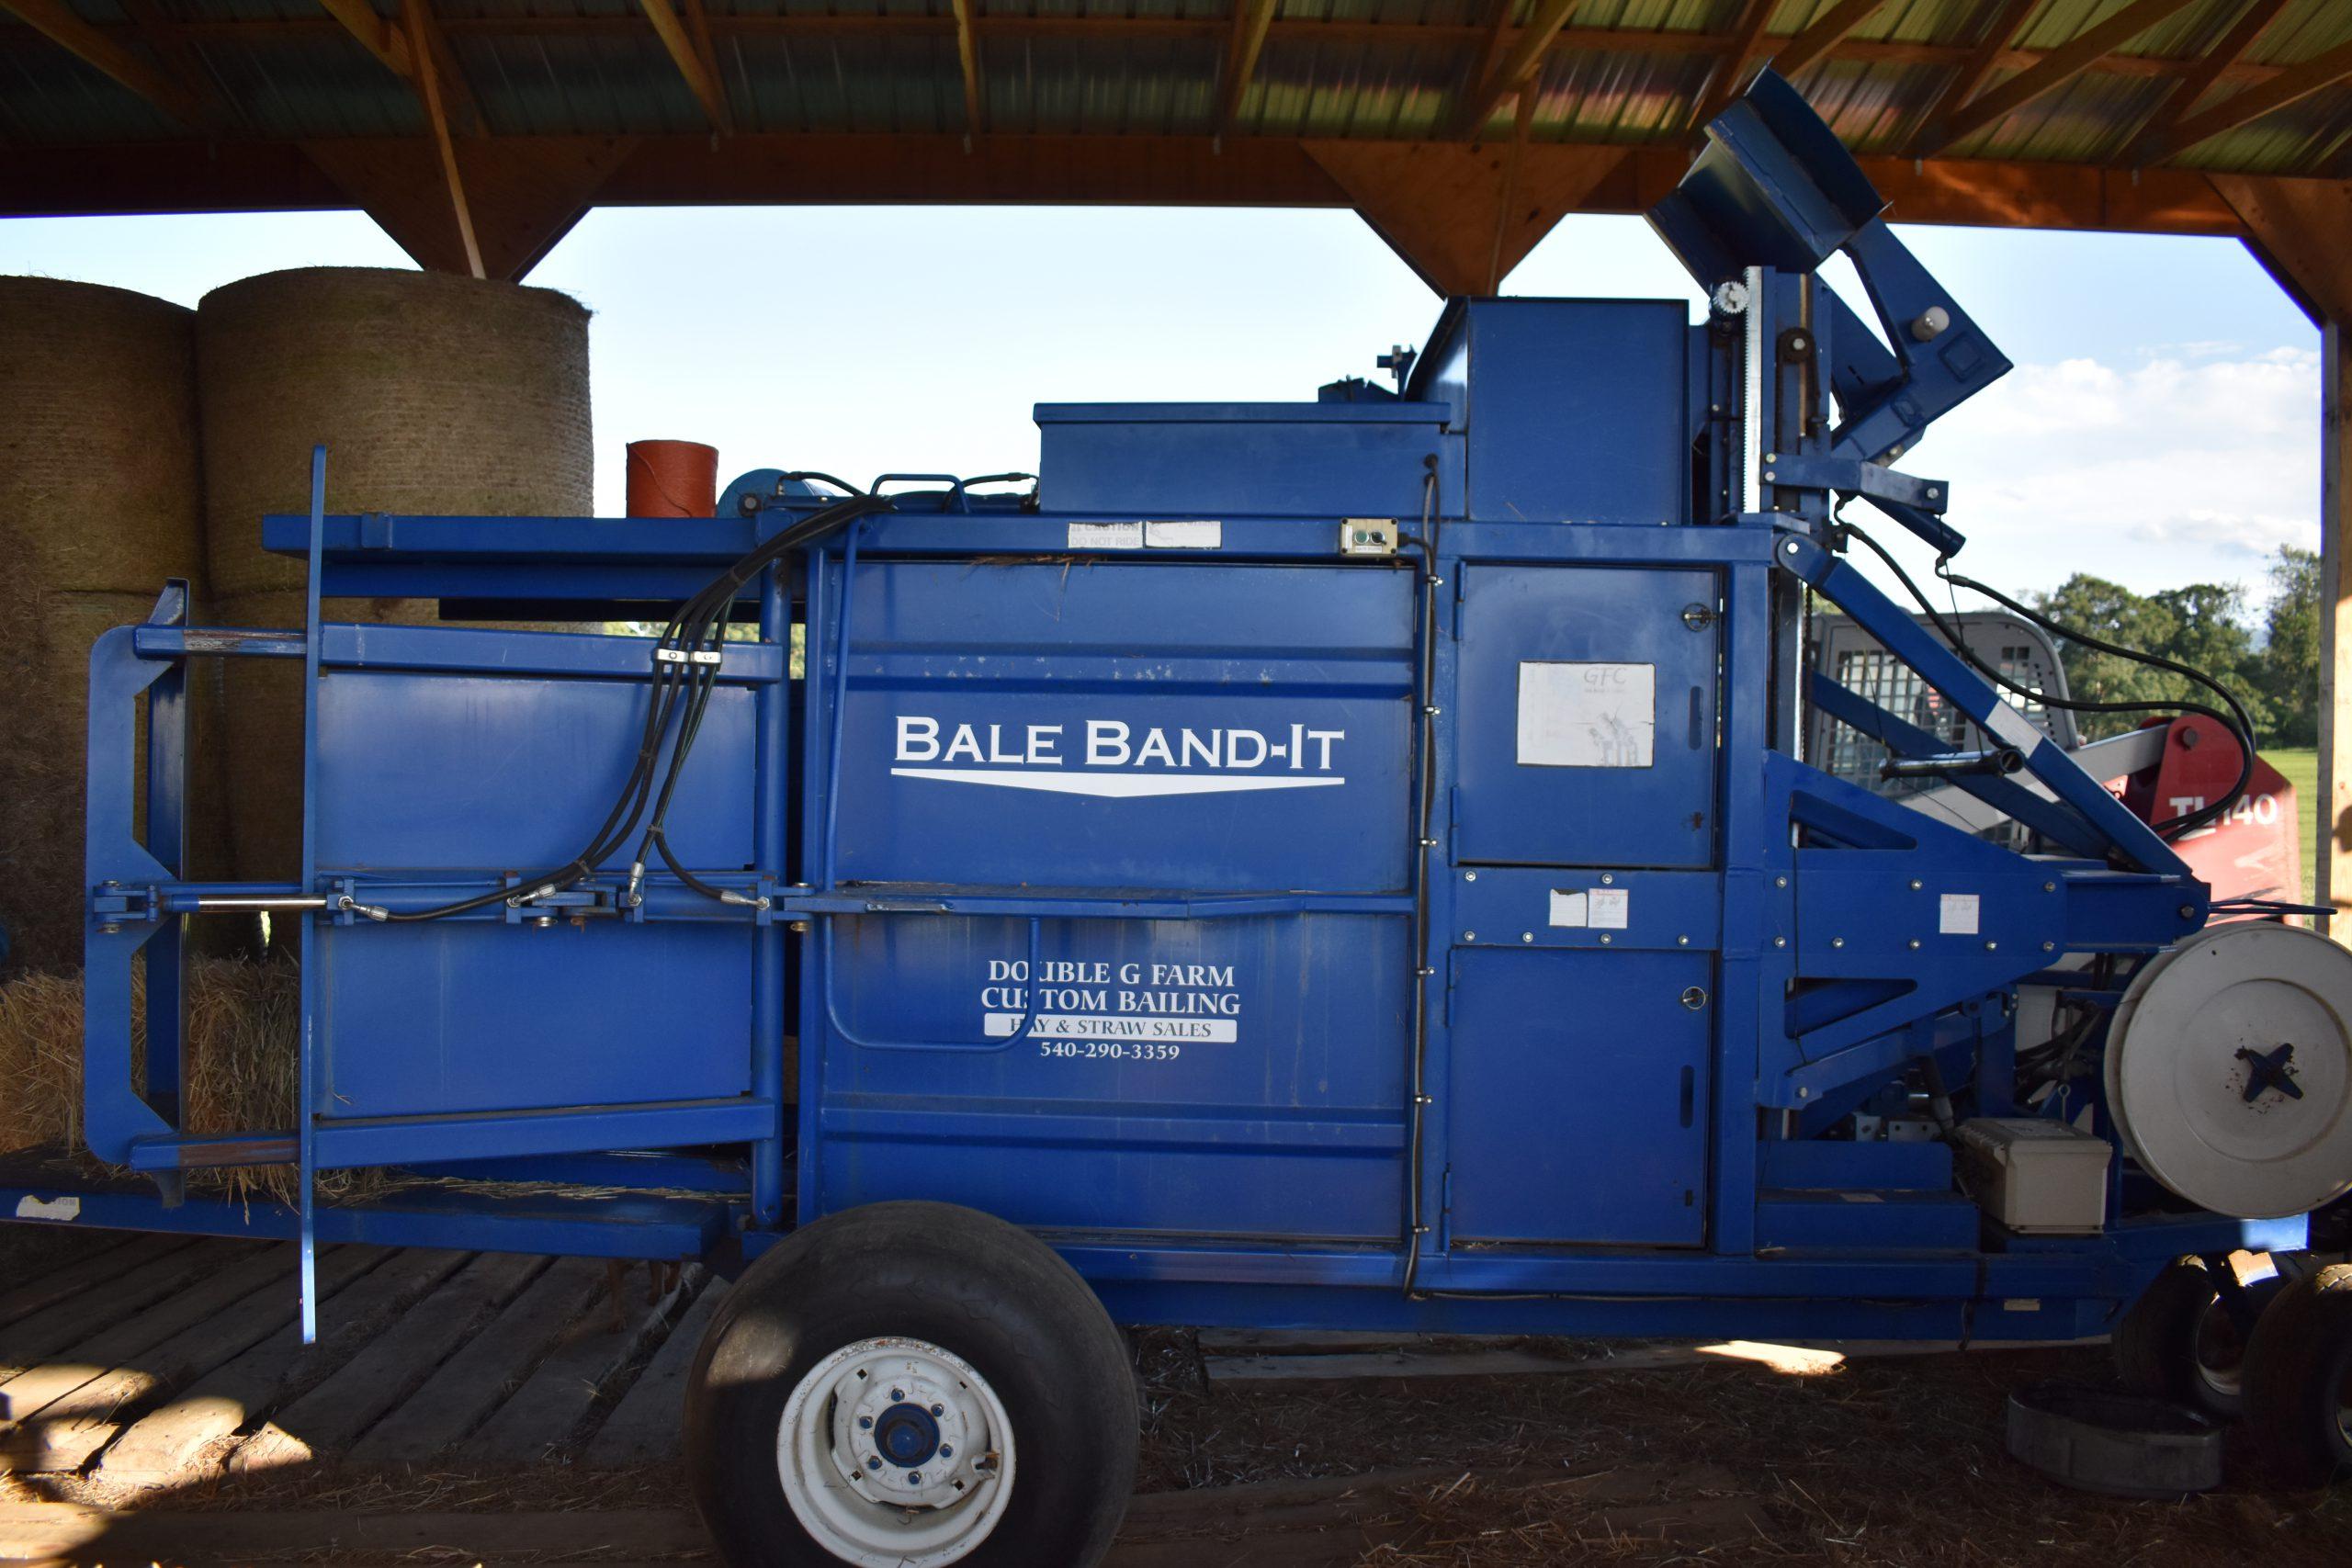 Bale Band-It Image